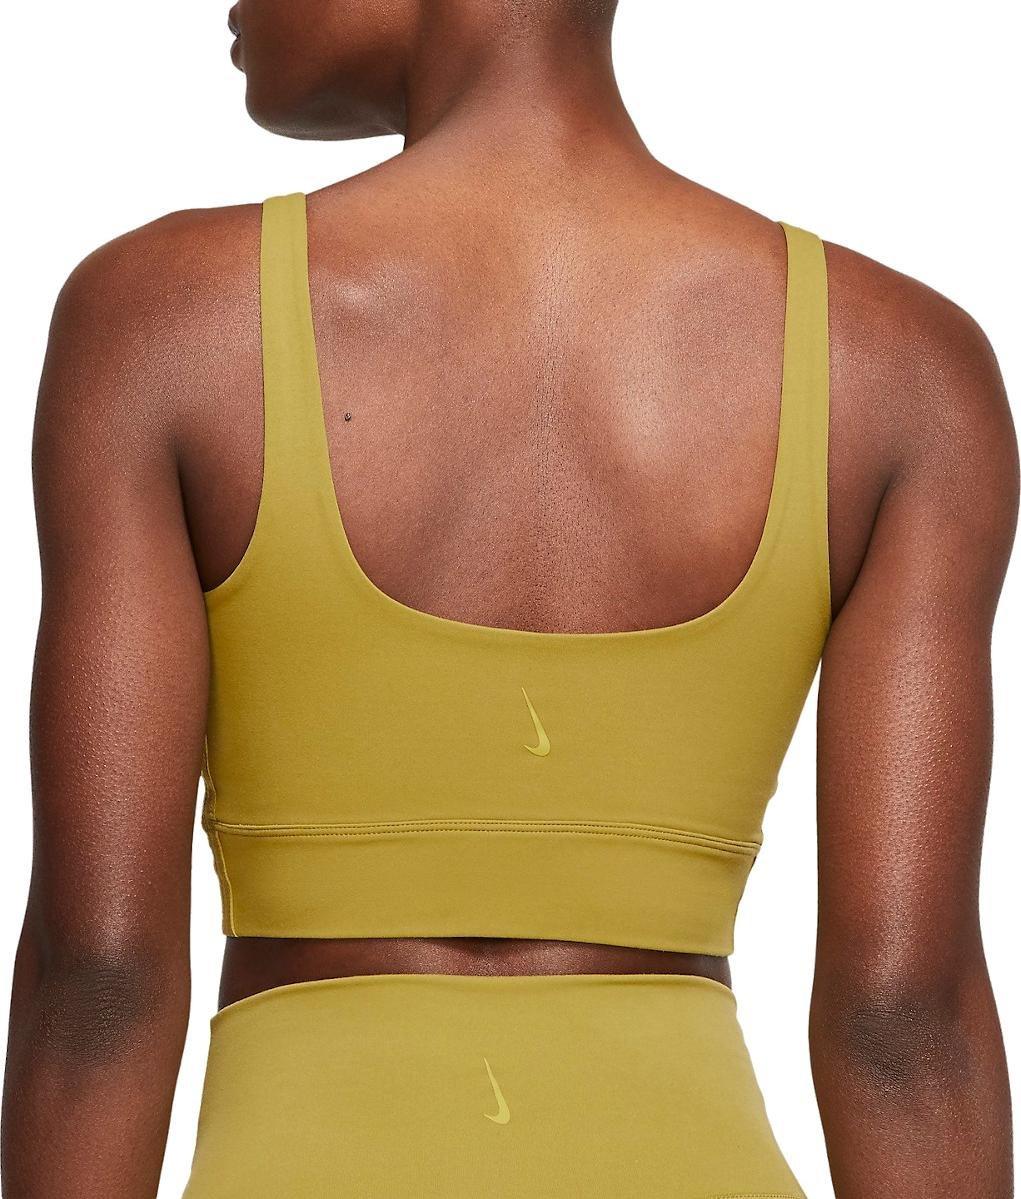 Tank Top Nike W Nk Yoga Luxe Crop Tank Top4fitness Com